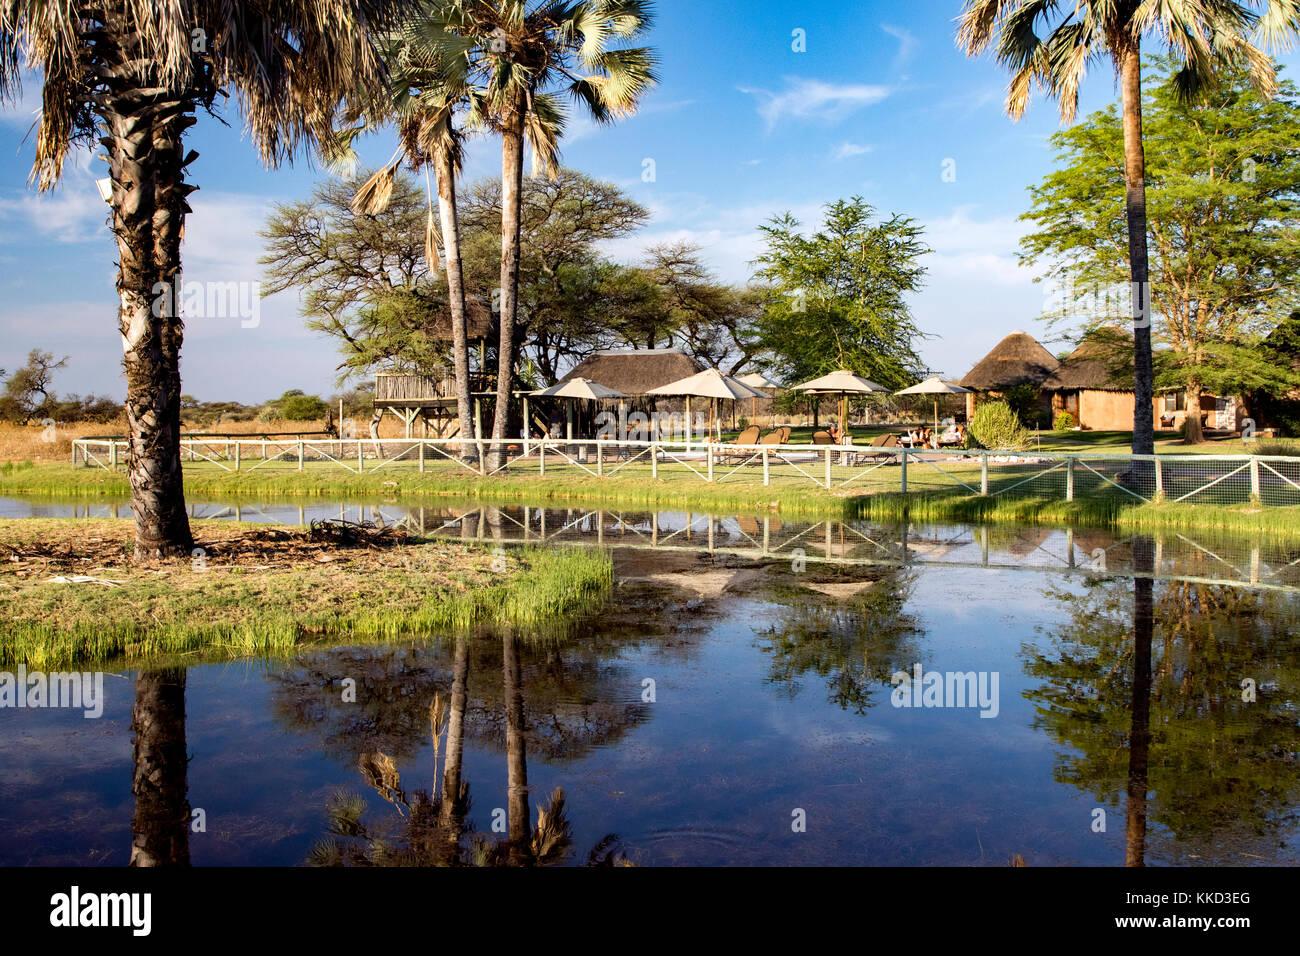 Waterhole at Onguma Bush Camp, Onguma Game Reserve, Namibia, Africa - Stock Image